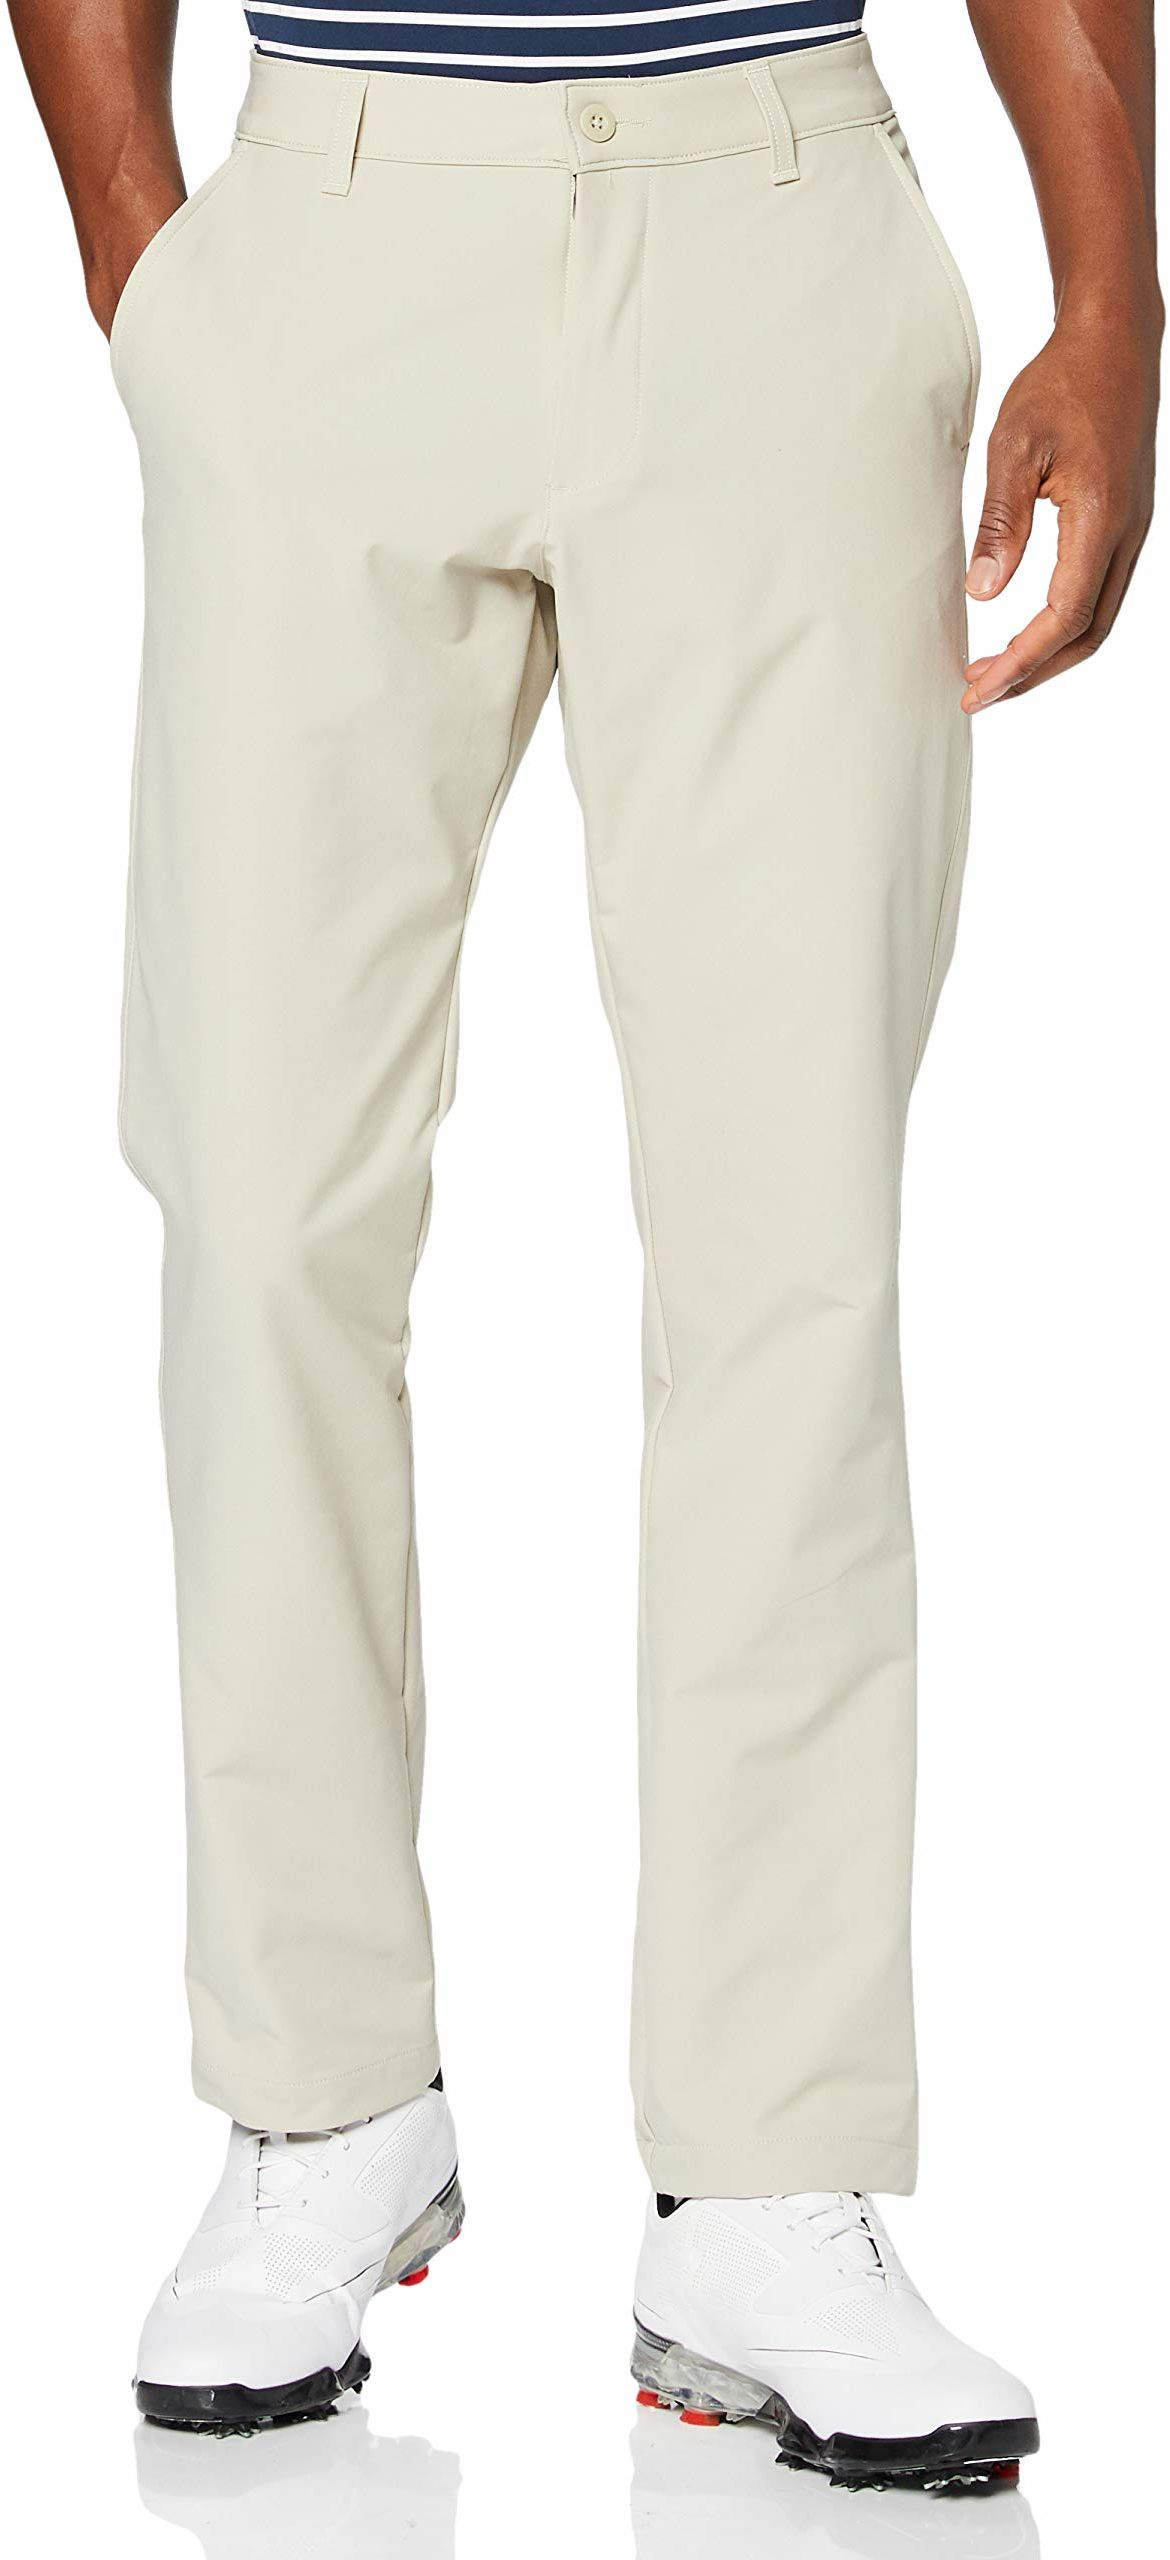 Under Armour Ua Tech spodnie treningowe męskie Podstawa khaki, podstawa khaki, podstawa khaki 34W / 30L